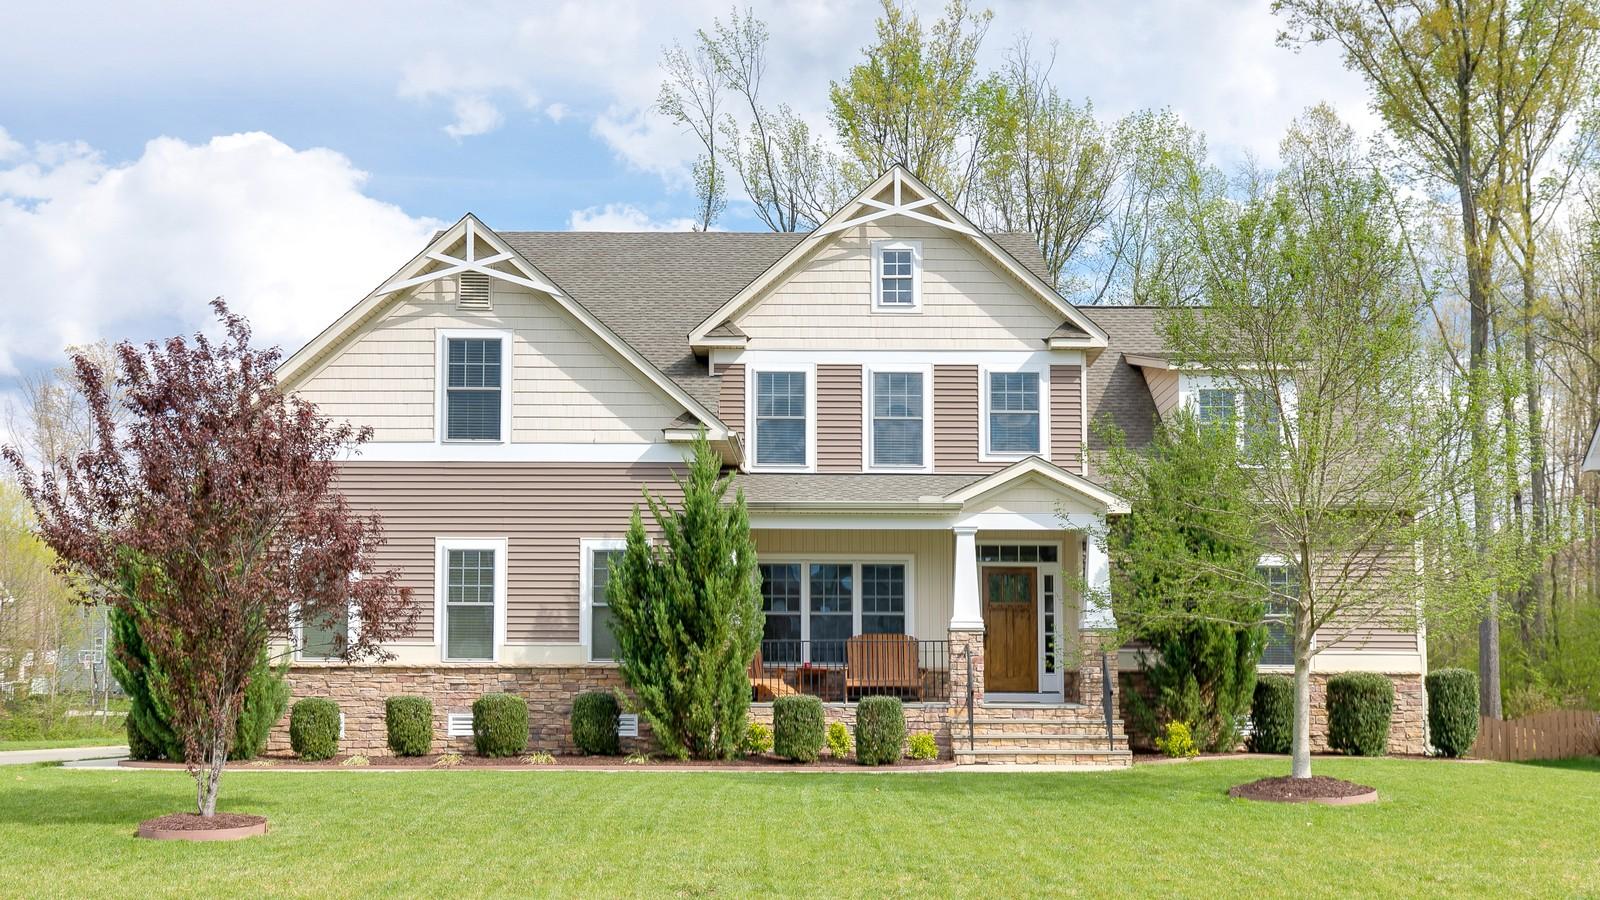 独户住宅 为 销售 在 3802 Evershot Court, Midlothian 3802 Evershot Ct 中洛锡安郡, 弗吉尼亚州, 23112 美国